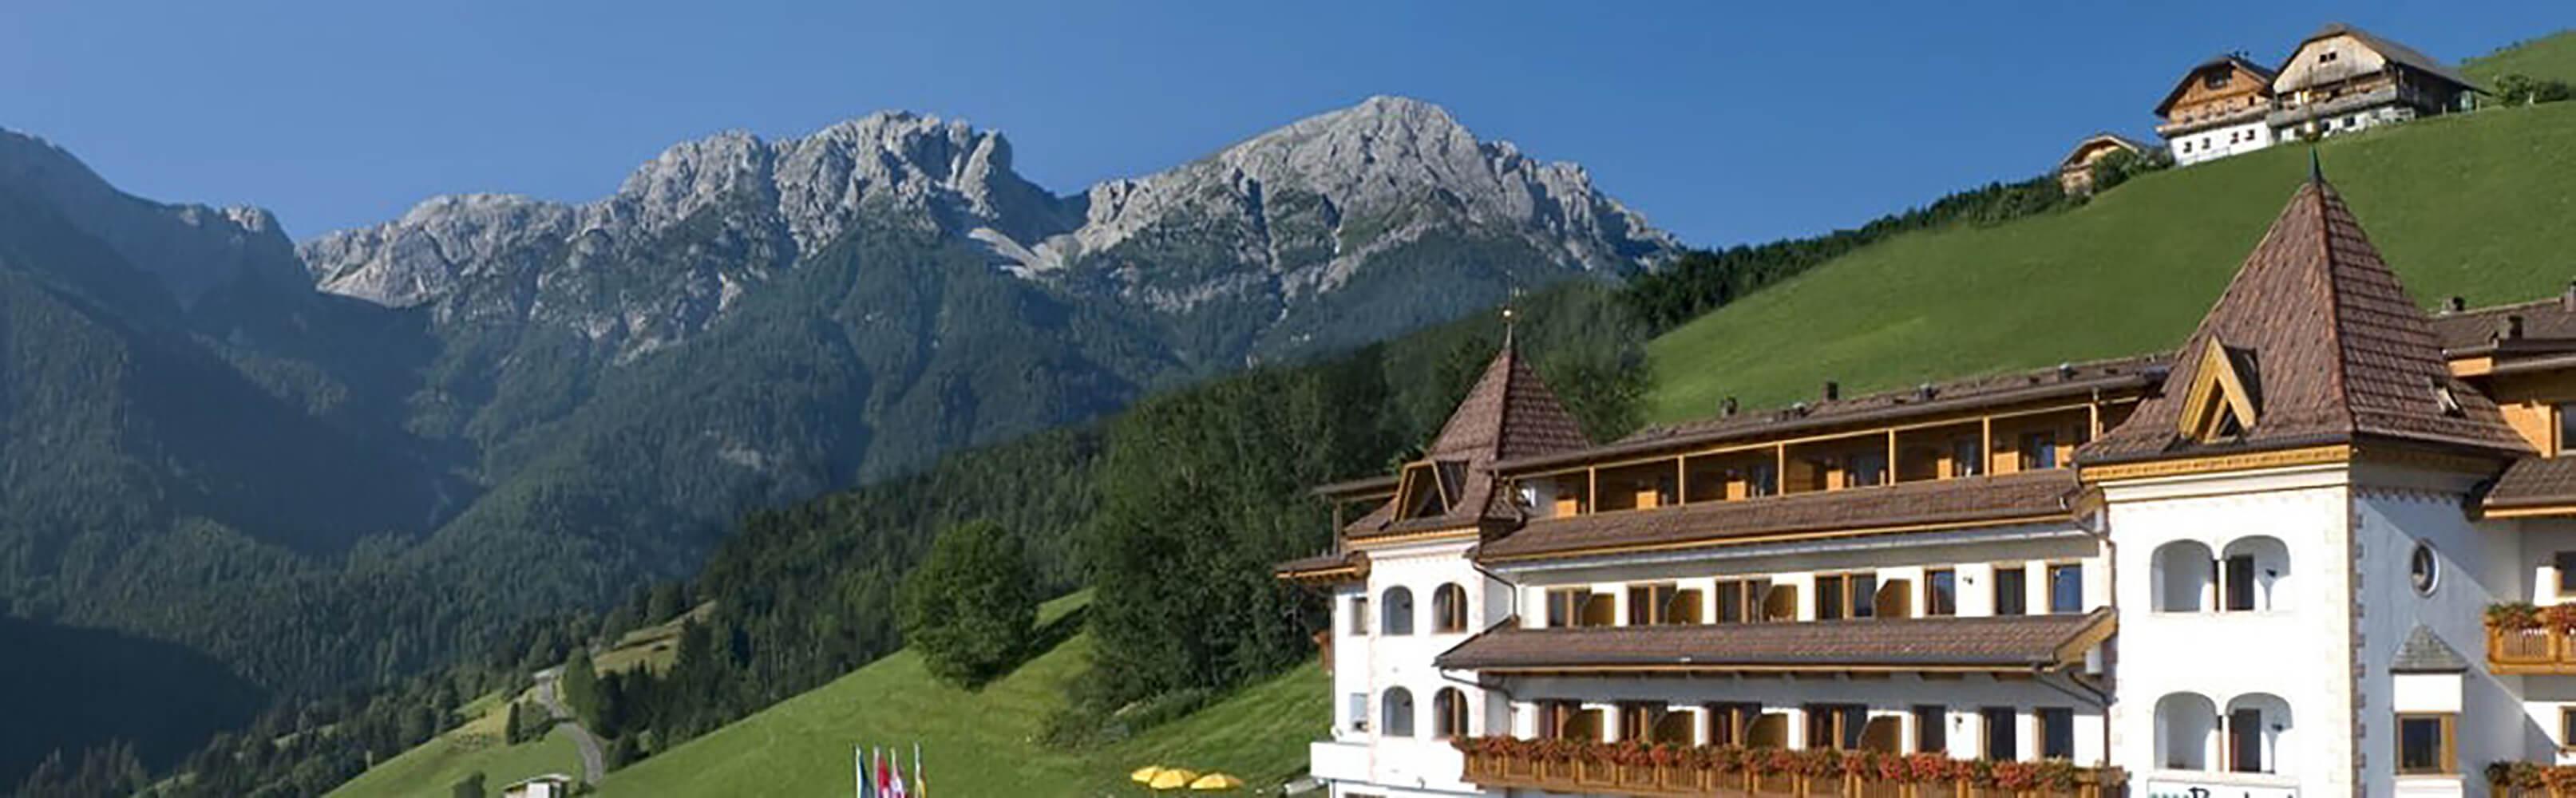 Ihr Wellnesshotel in den Dolomiten von Südtirol 1